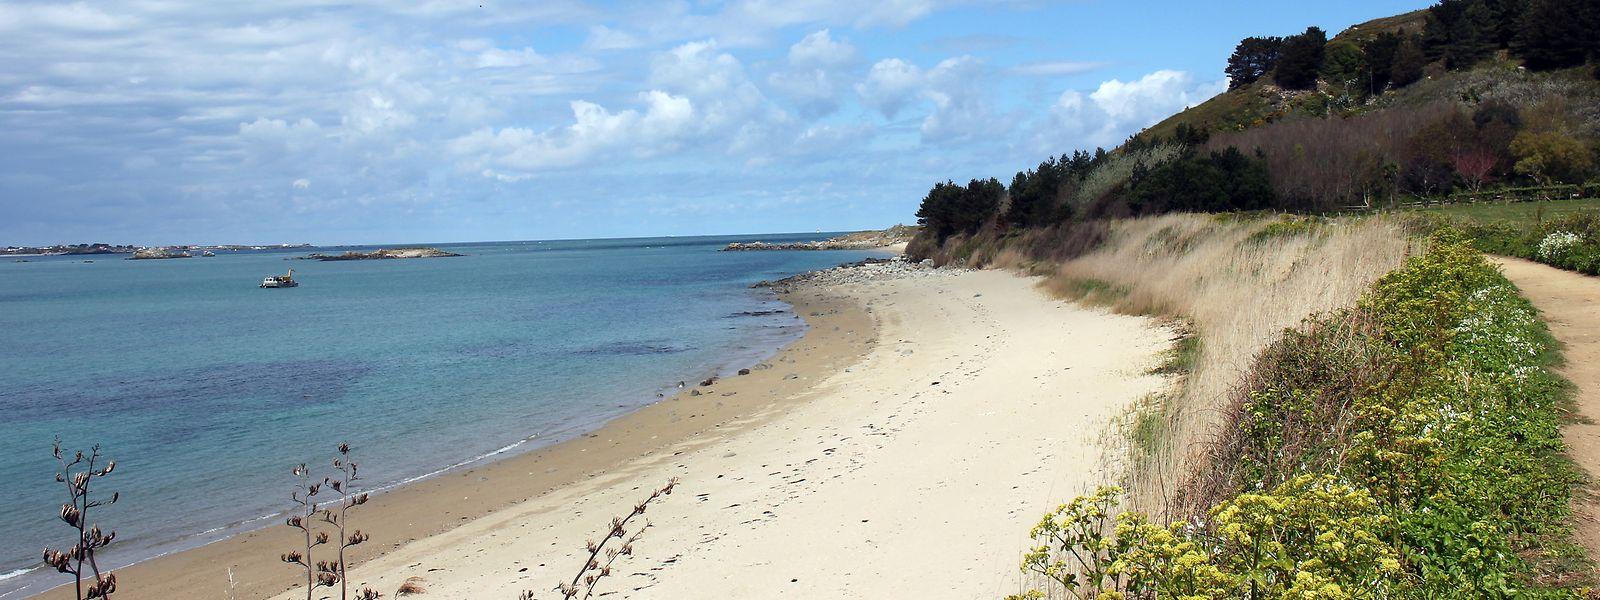 Blick auf den Fisherman's Beach auf Herm: Die Temperaturen steigen auch im Sommer selten über 20 Grad Celsius.